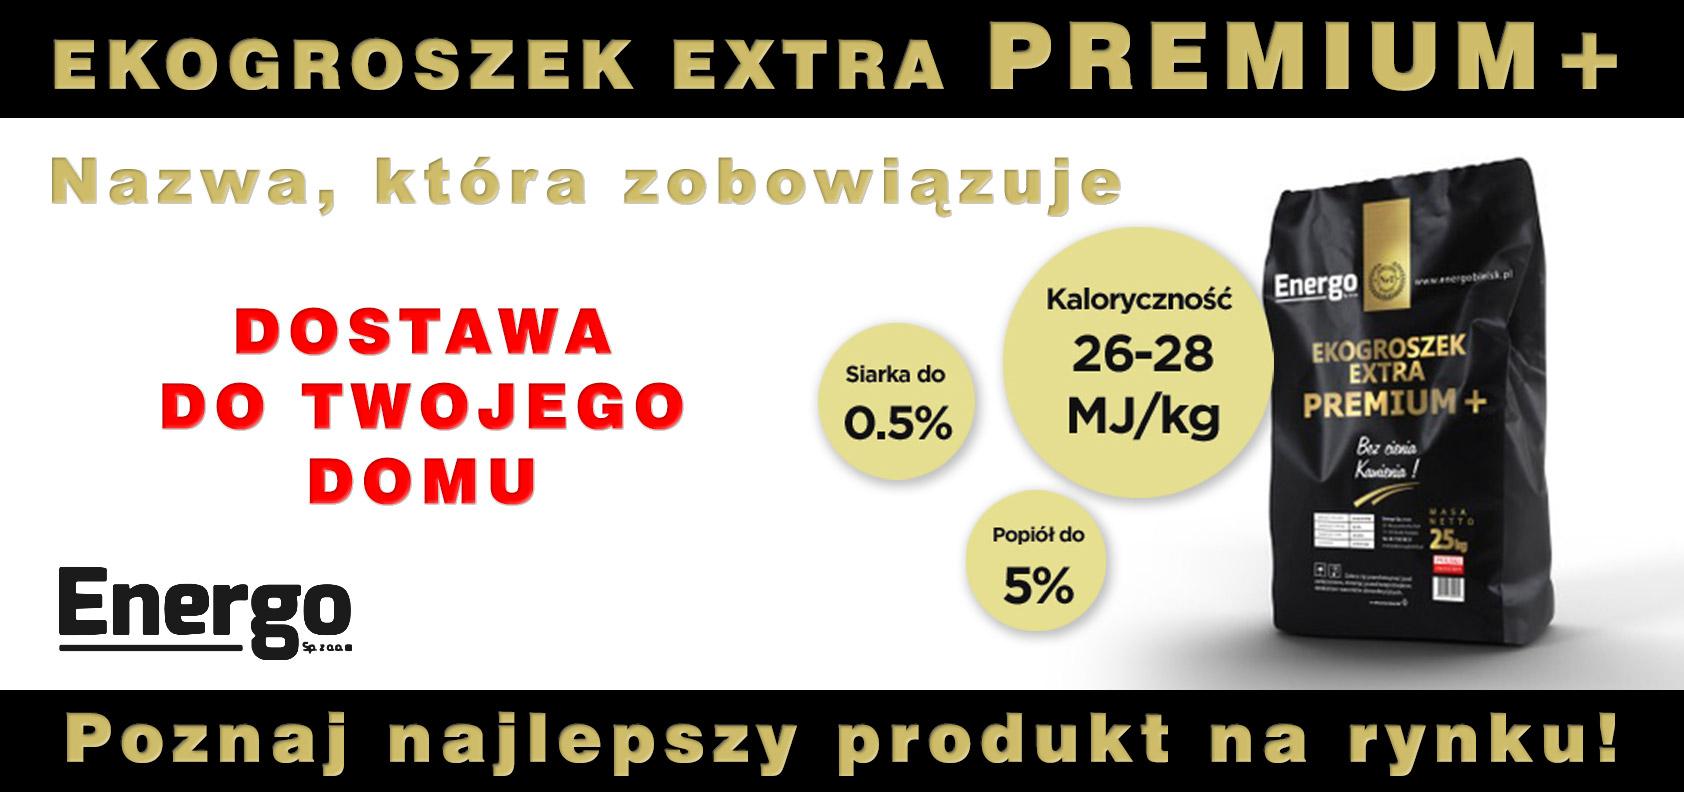 Ekogroszek extra premium Płock